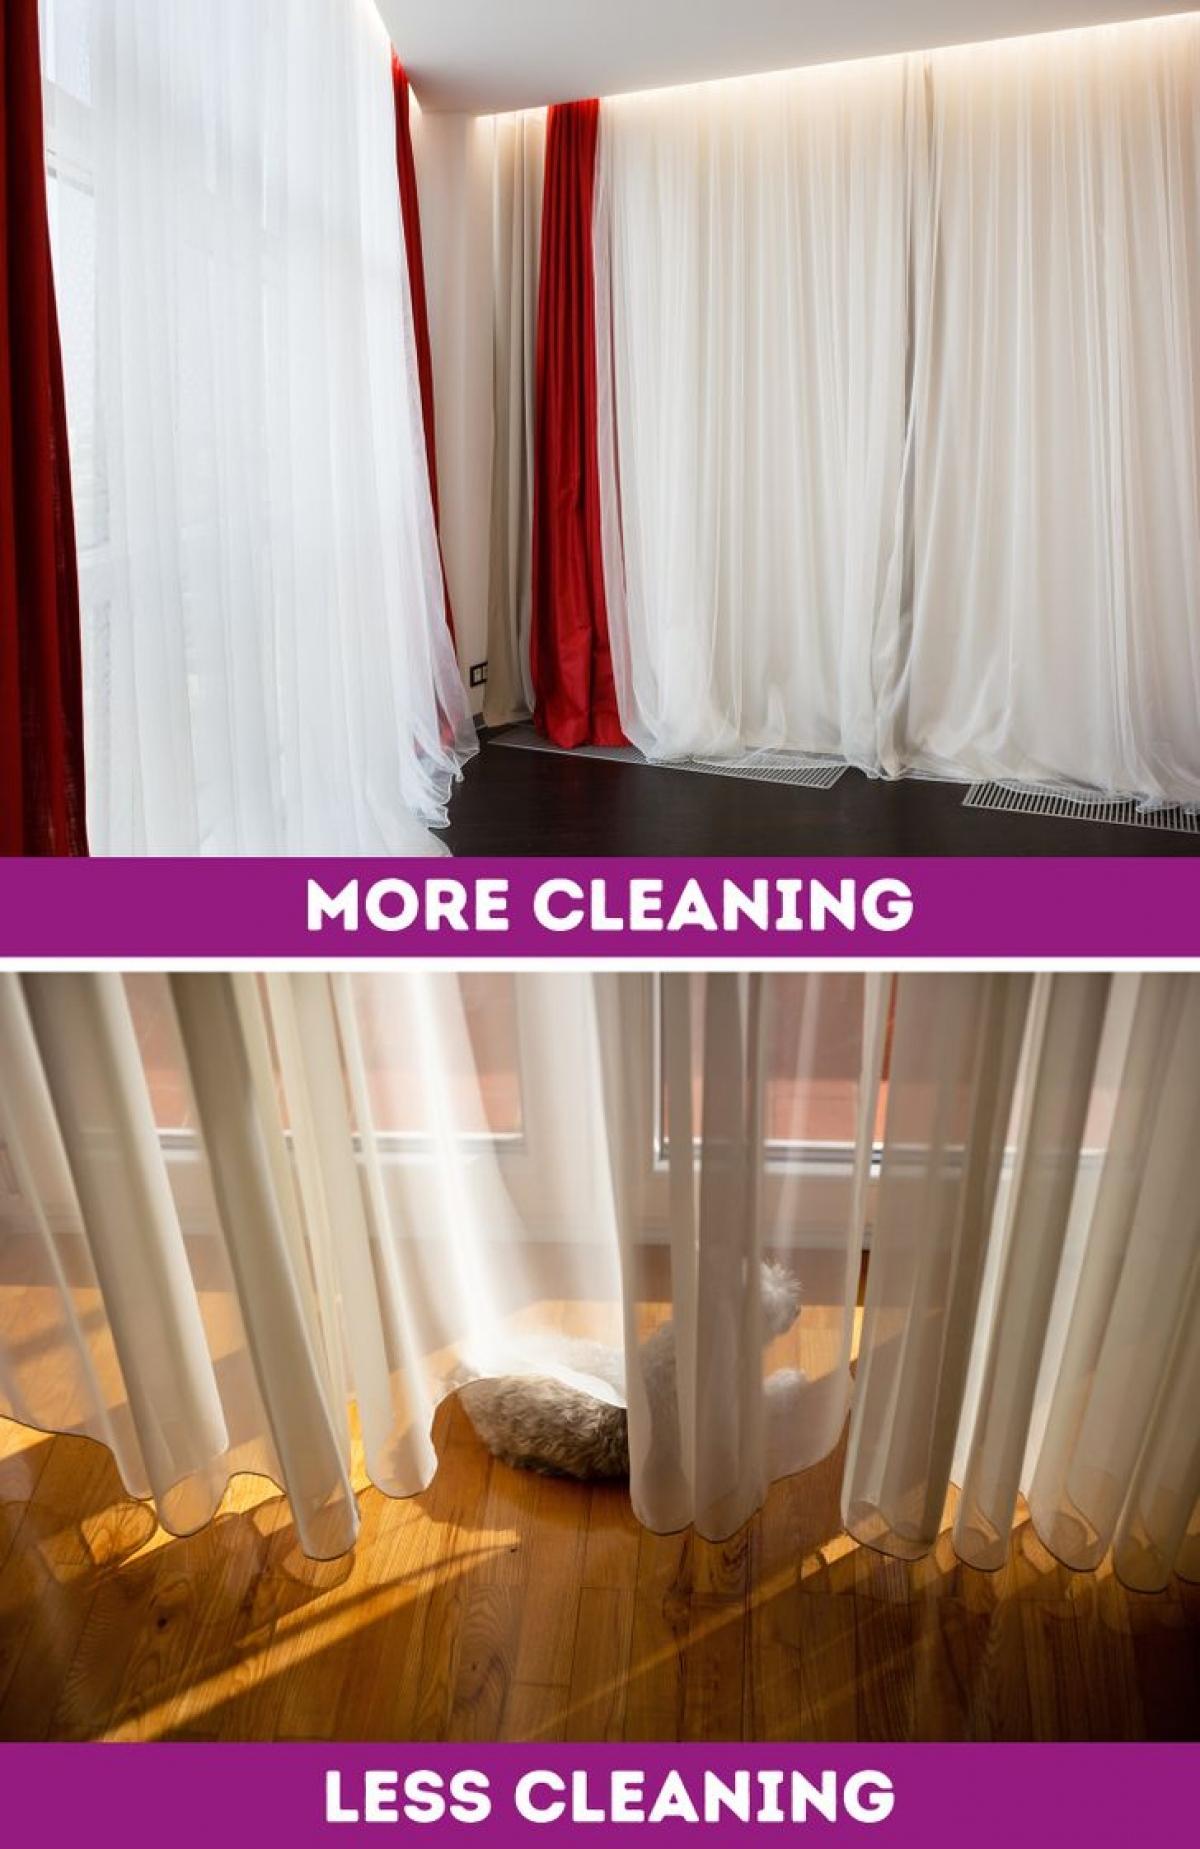 Rèm cửa dài khiến căn nhà bạn thêm luộm thuộm, nhanh bẩn, cần phải được giặt giũ thường xuyên. Thêm nữa, nếu bạn muốn bày trí nội thất gần cửa sổ, đây cũng là điều bất khả thi.